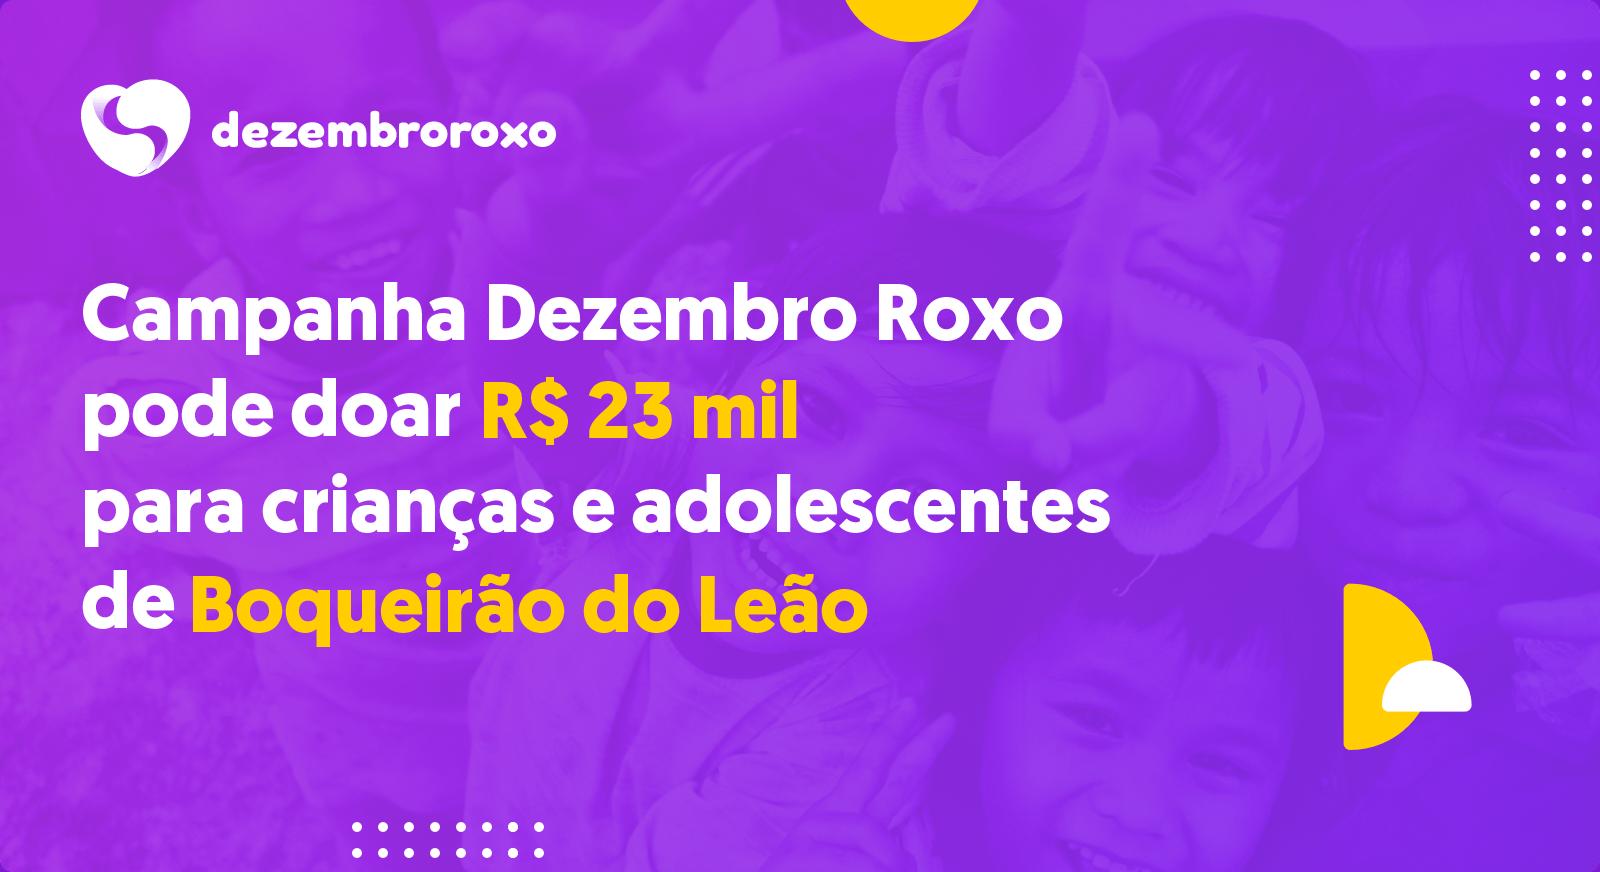 Doações em Boqueirão do Leão - RS